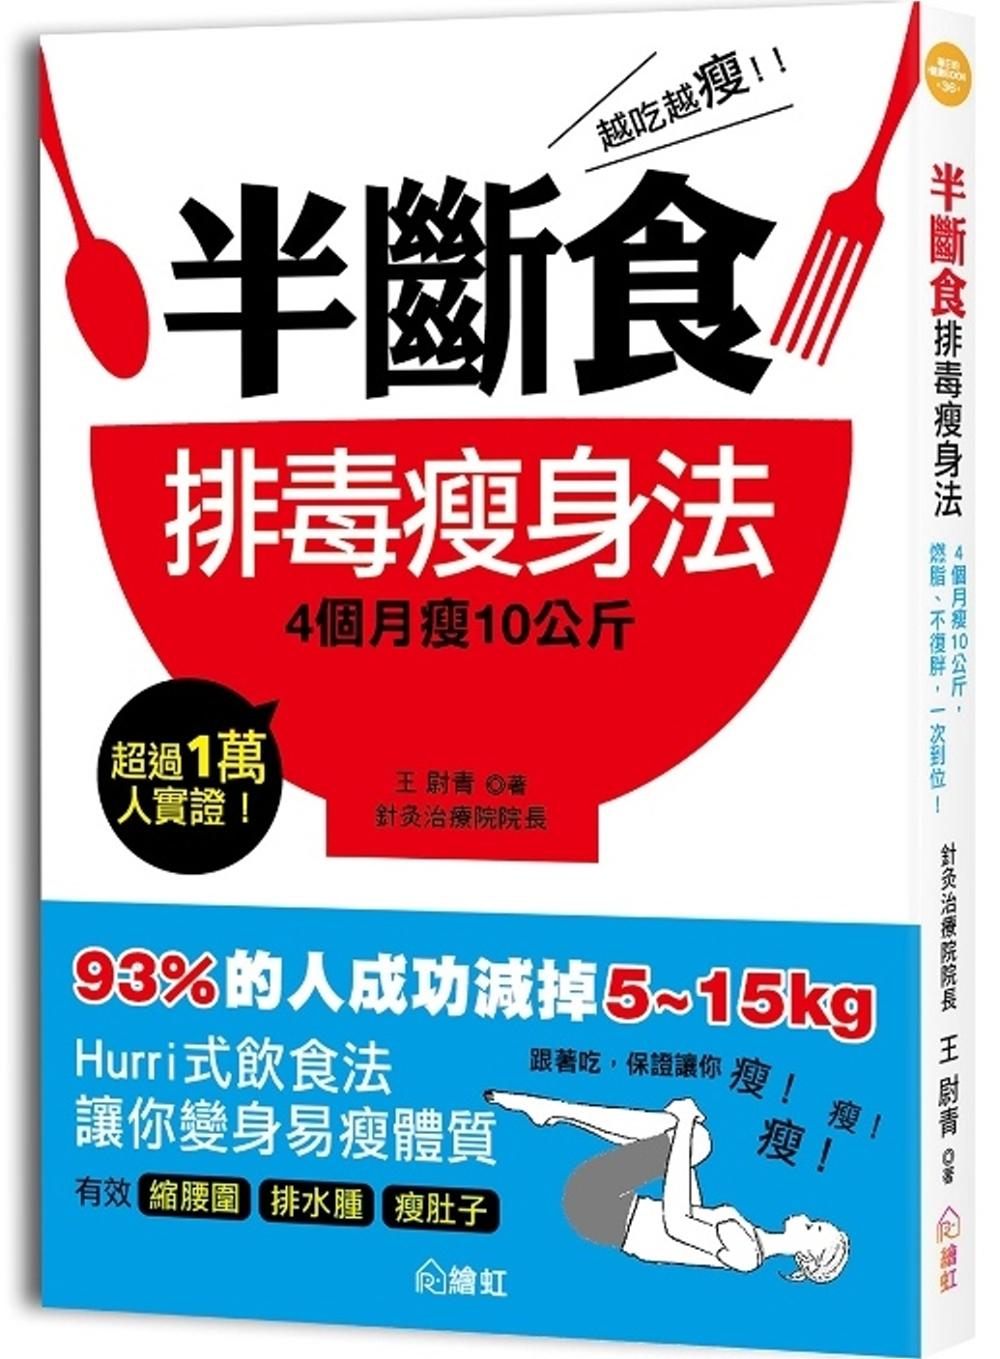 越吃越瘦!半斷食排毒瘦身法:4個月瘦10公斤,燃脂、不復胖,一次到位!